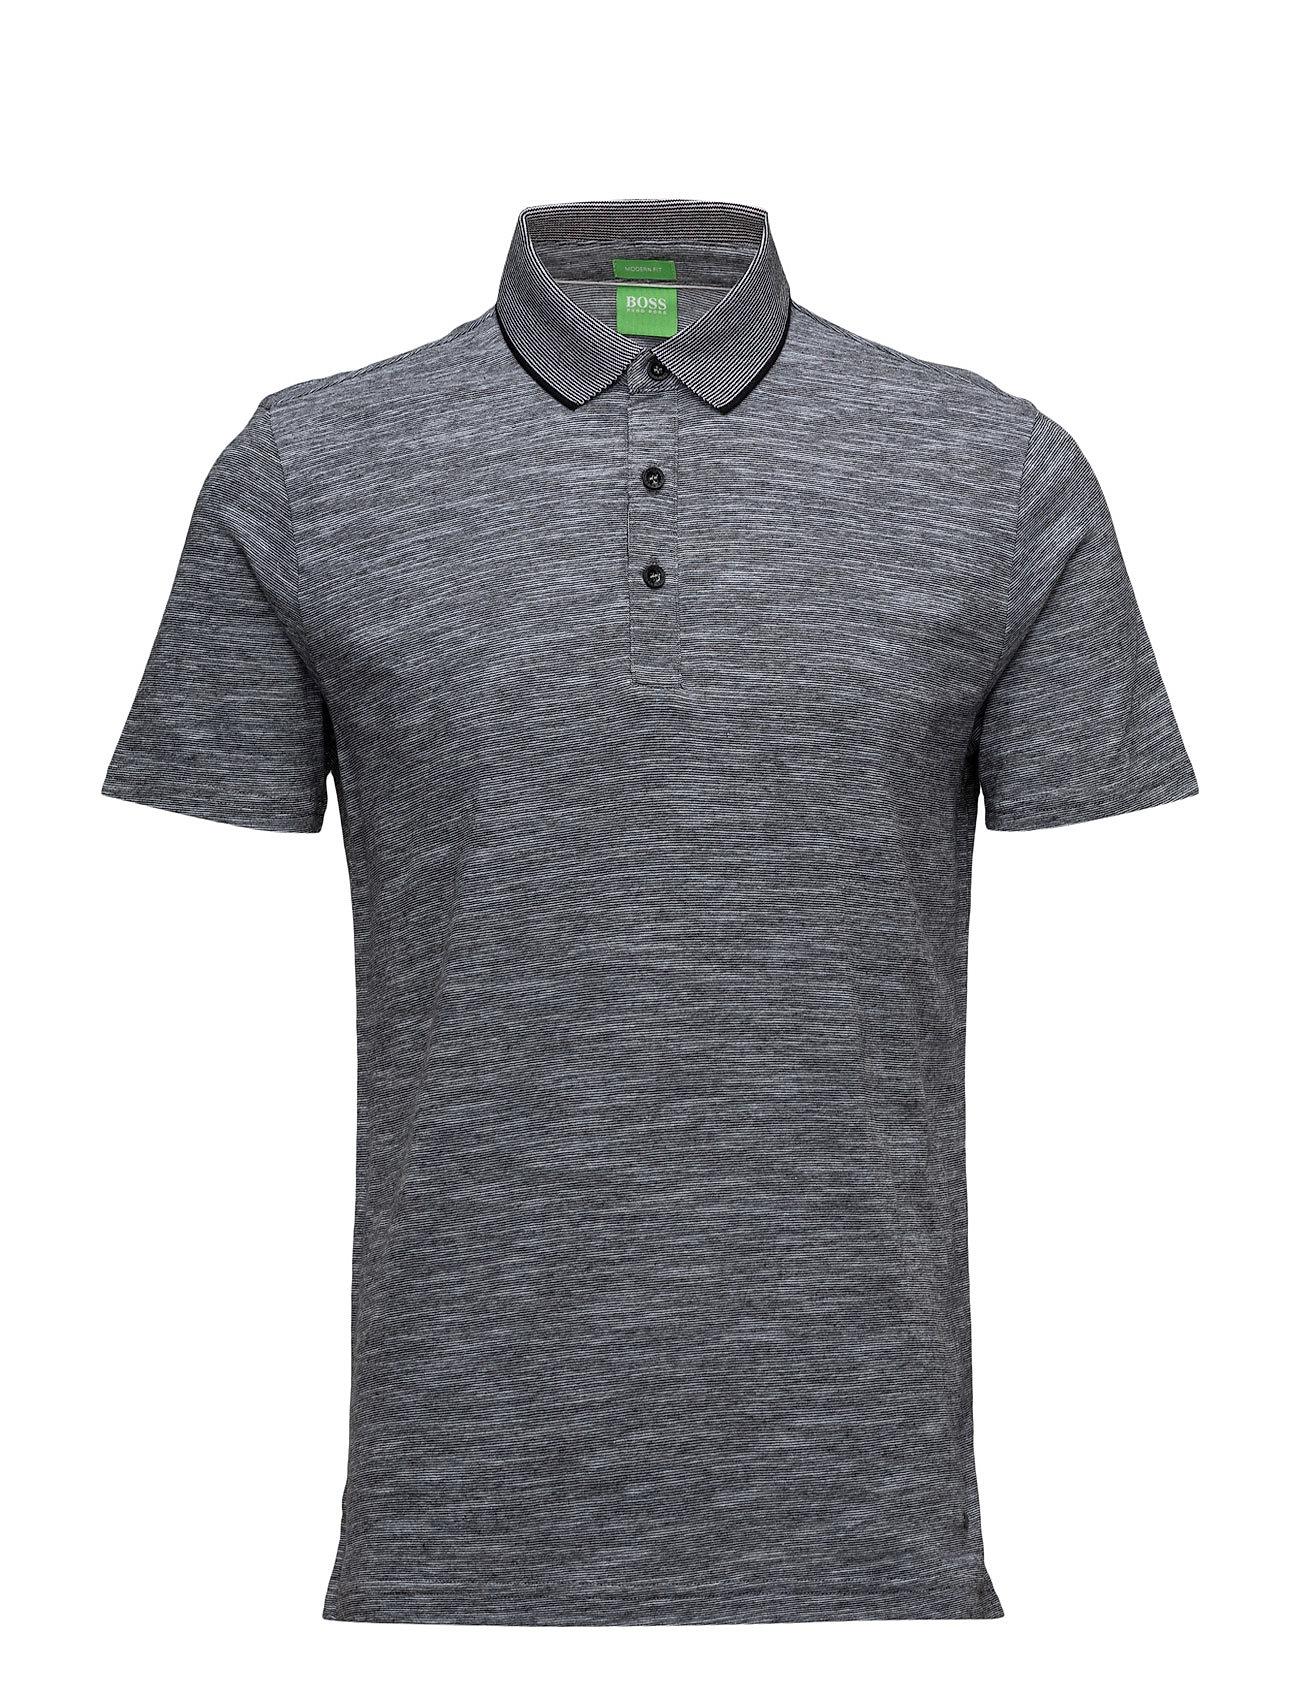 C-Rapino BOSS GREEN Kortærmede polo t-shirts til Mænd i Sort